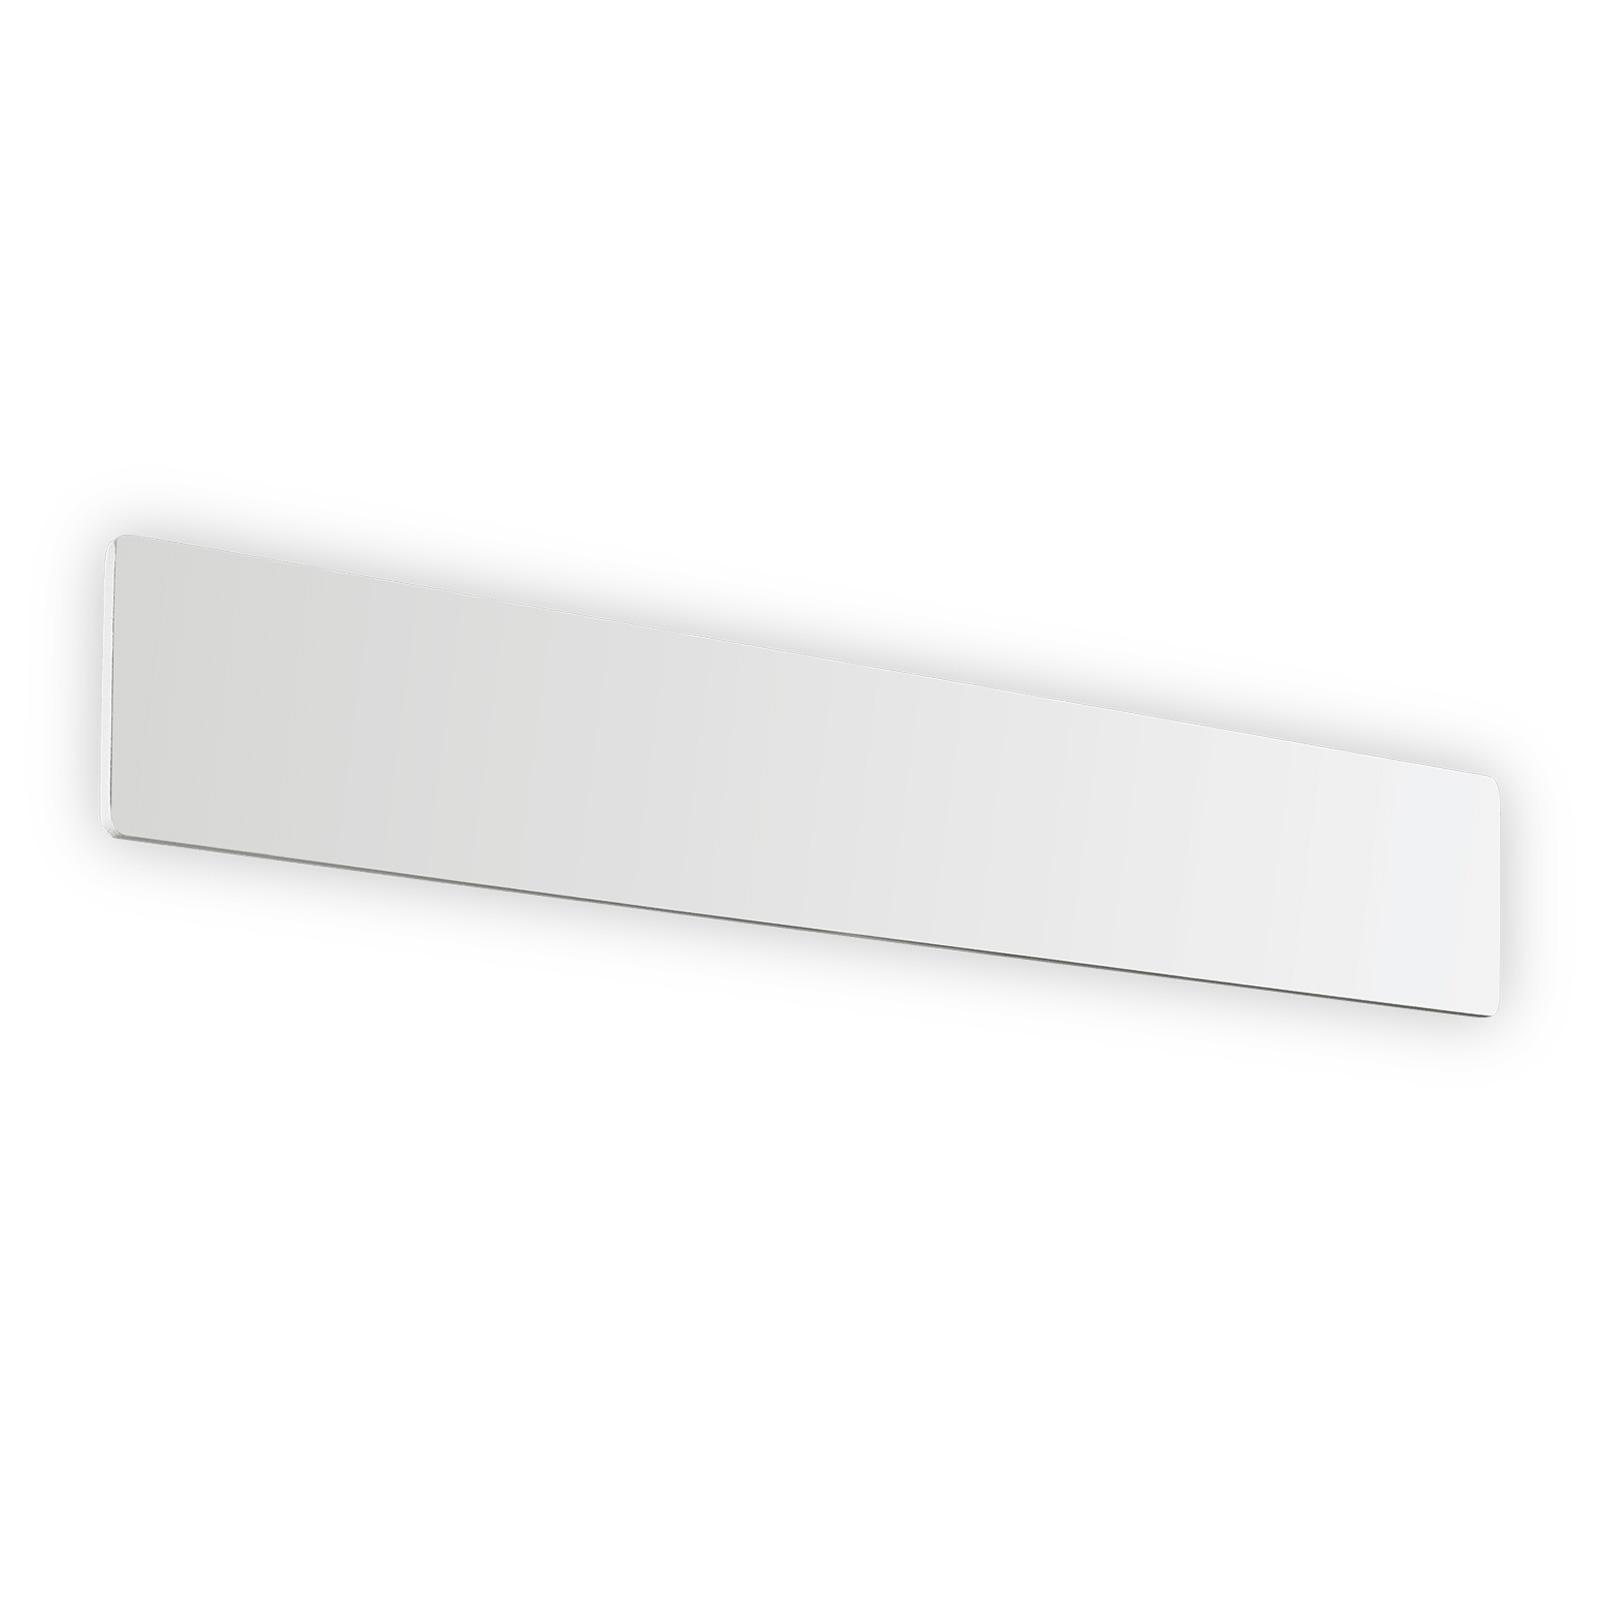 LED wandlamp Zig Zag wit, breedte 53 cm